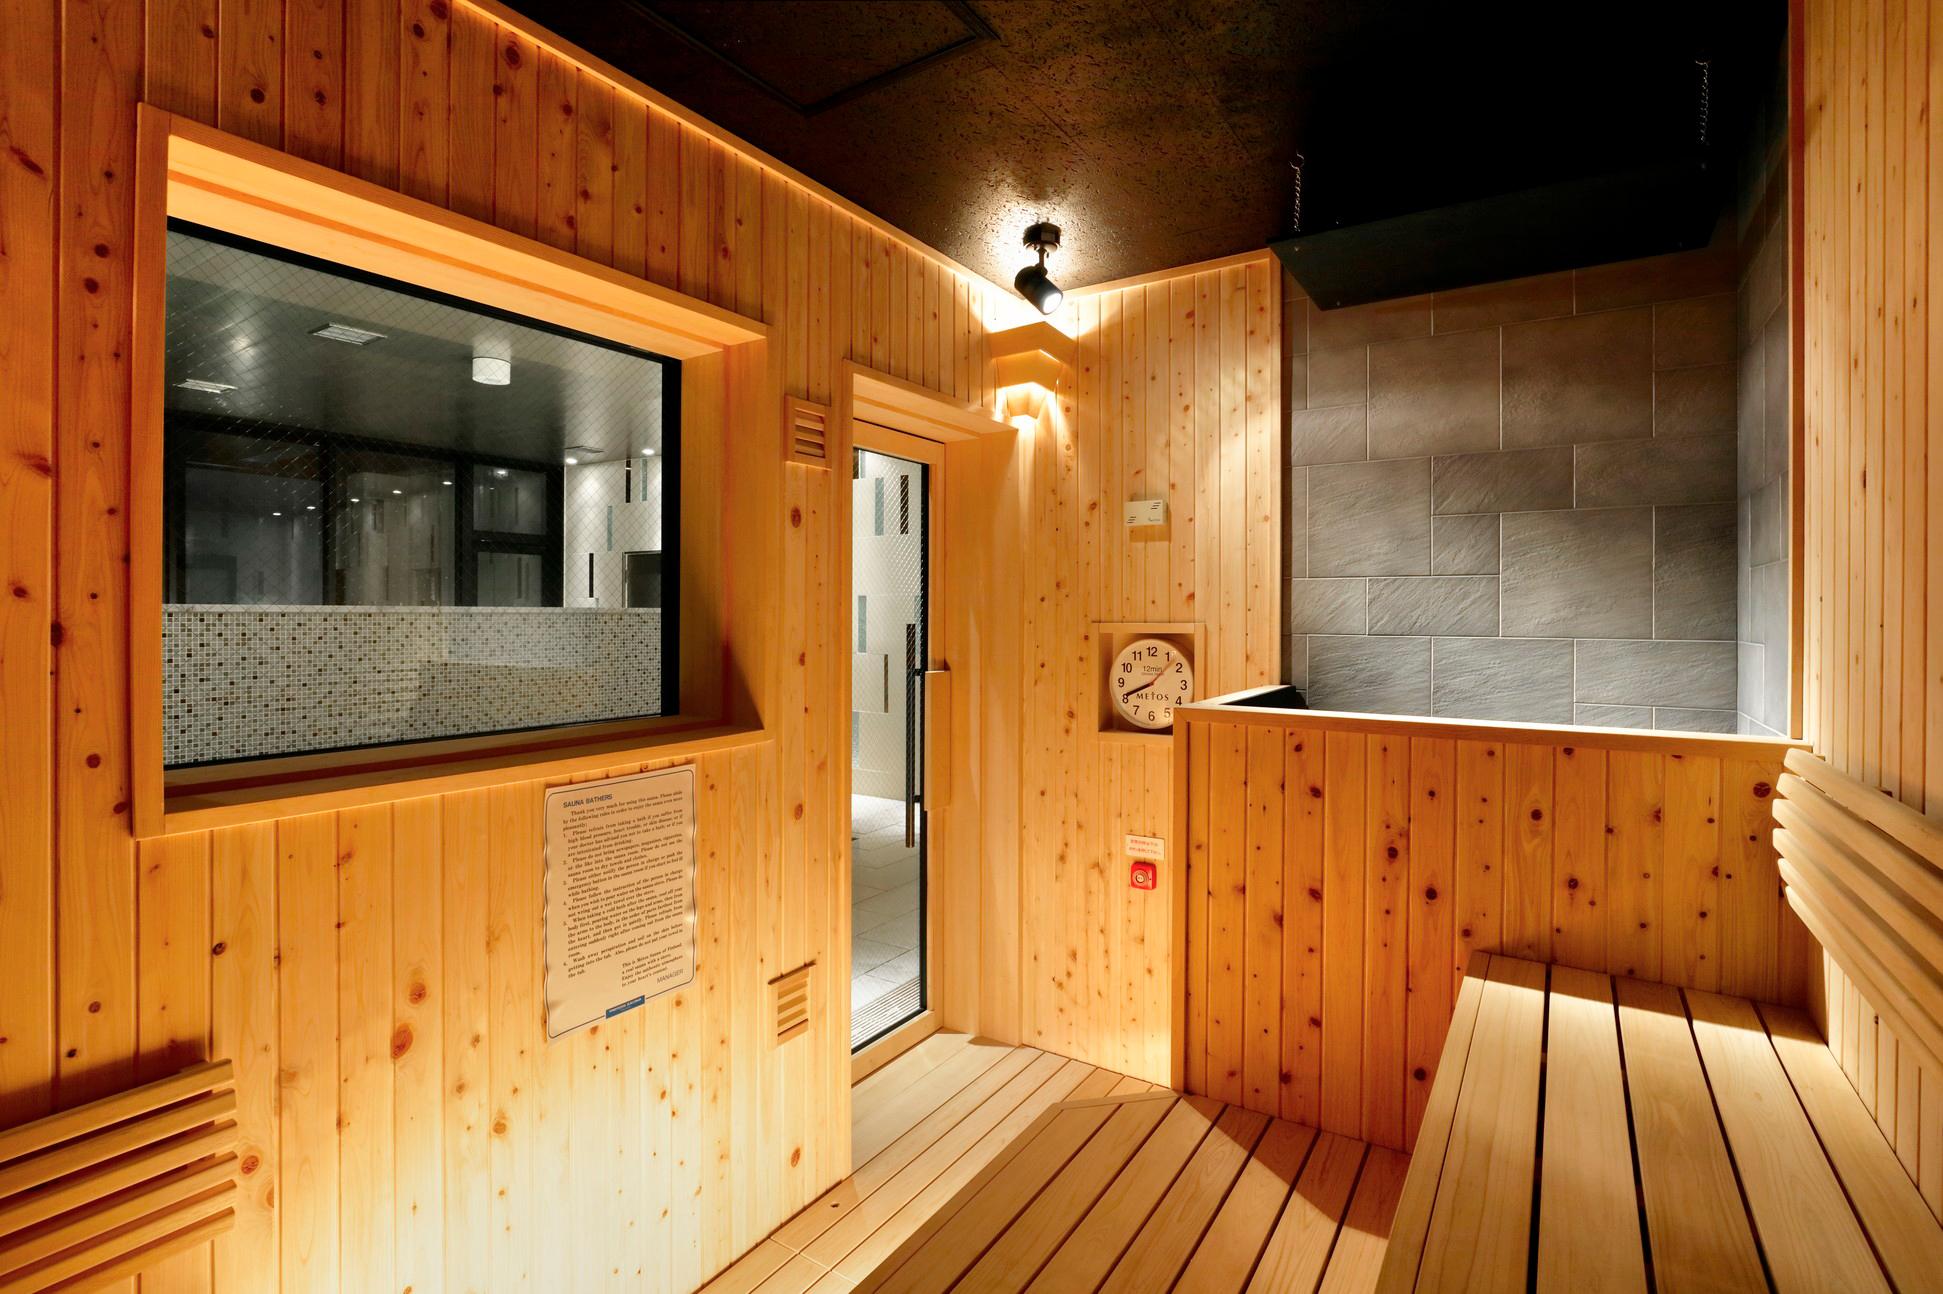 《3月7日はサウナの日》「サウナシュラン2020」受賞ホテルが教える極上サウナの楽しみ方。医師も実証する交代浴(サーキュレーション)の健康効果とは (カンデオホテルズ)